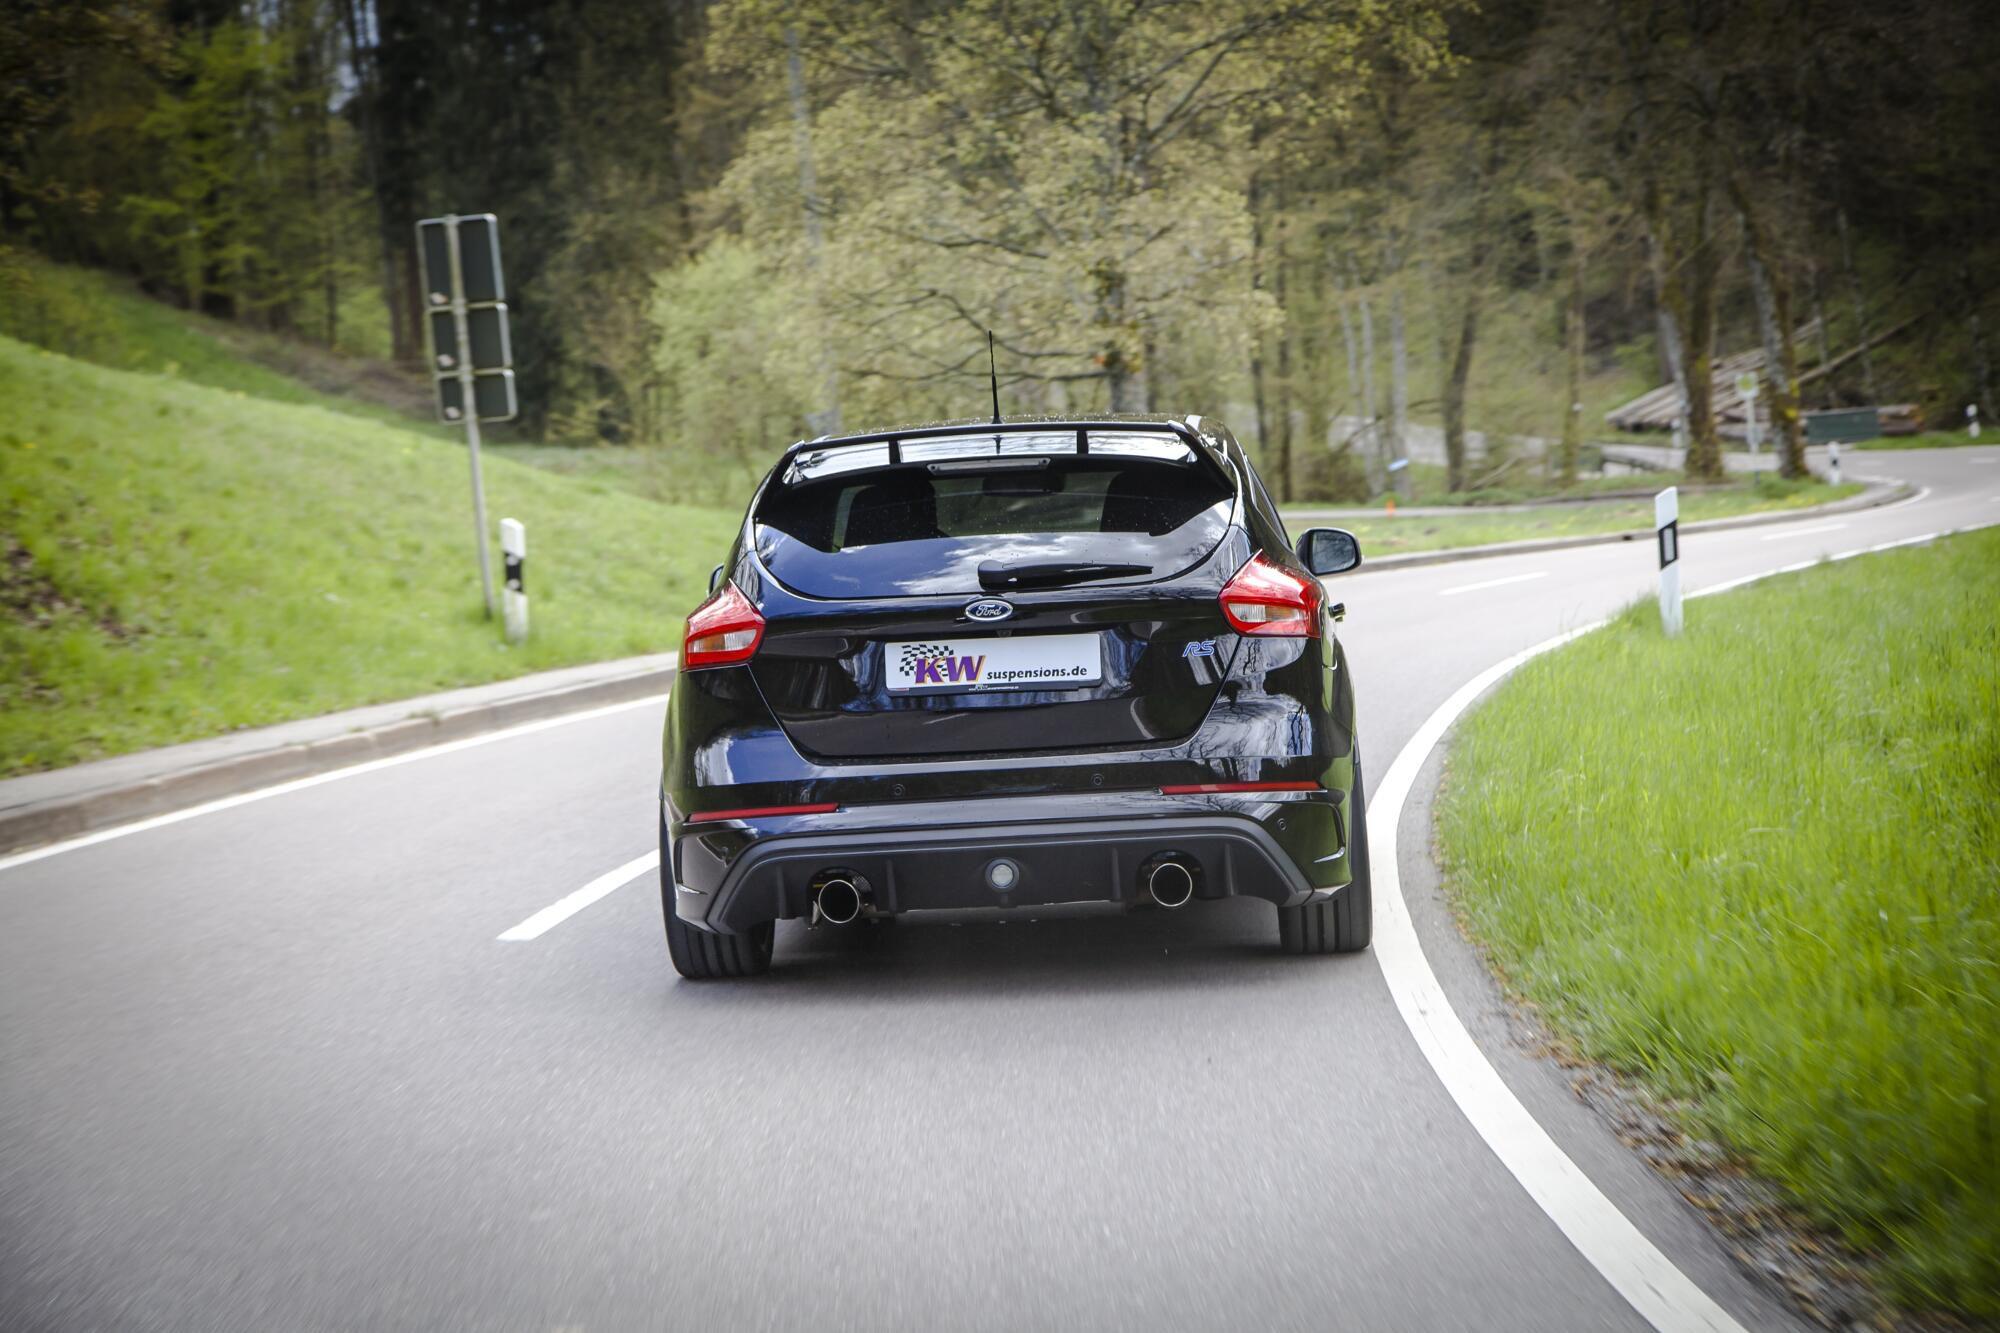 In seinem Element: Der Ford Focus RS auf kurvigen Landstraßen